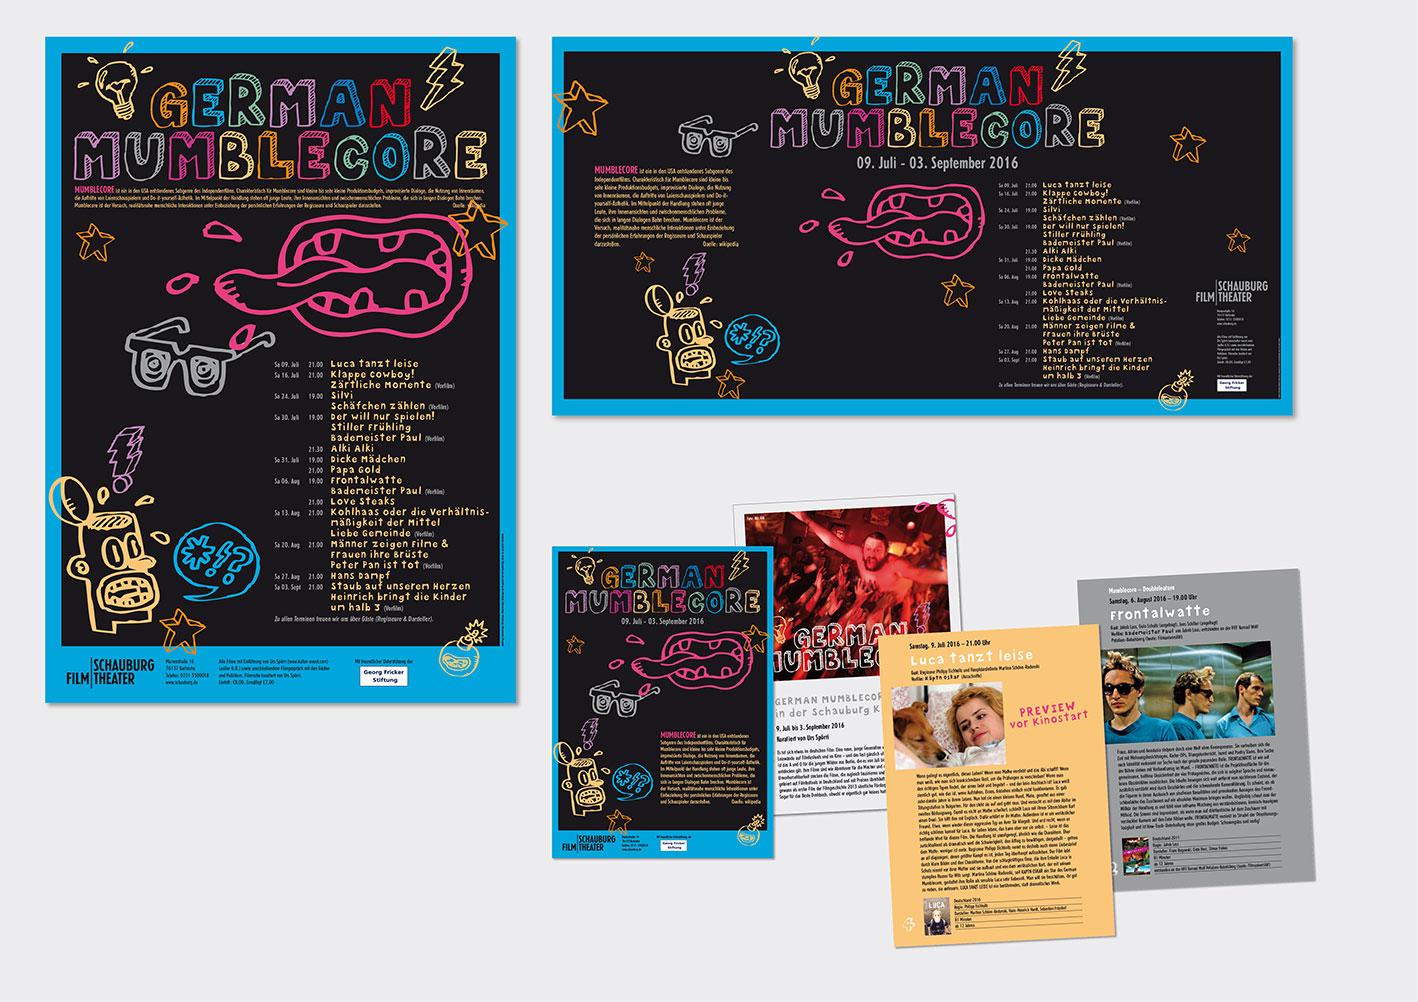 GERMAN MUMBLECORE-Filmreihe  – Schauburg Filmtheater, Karlsruhe Plakat (A1), Bauzaunbanner (3400x1730 mm) und  Festivalbroschüre  (Format: A5, 20 Seiten)